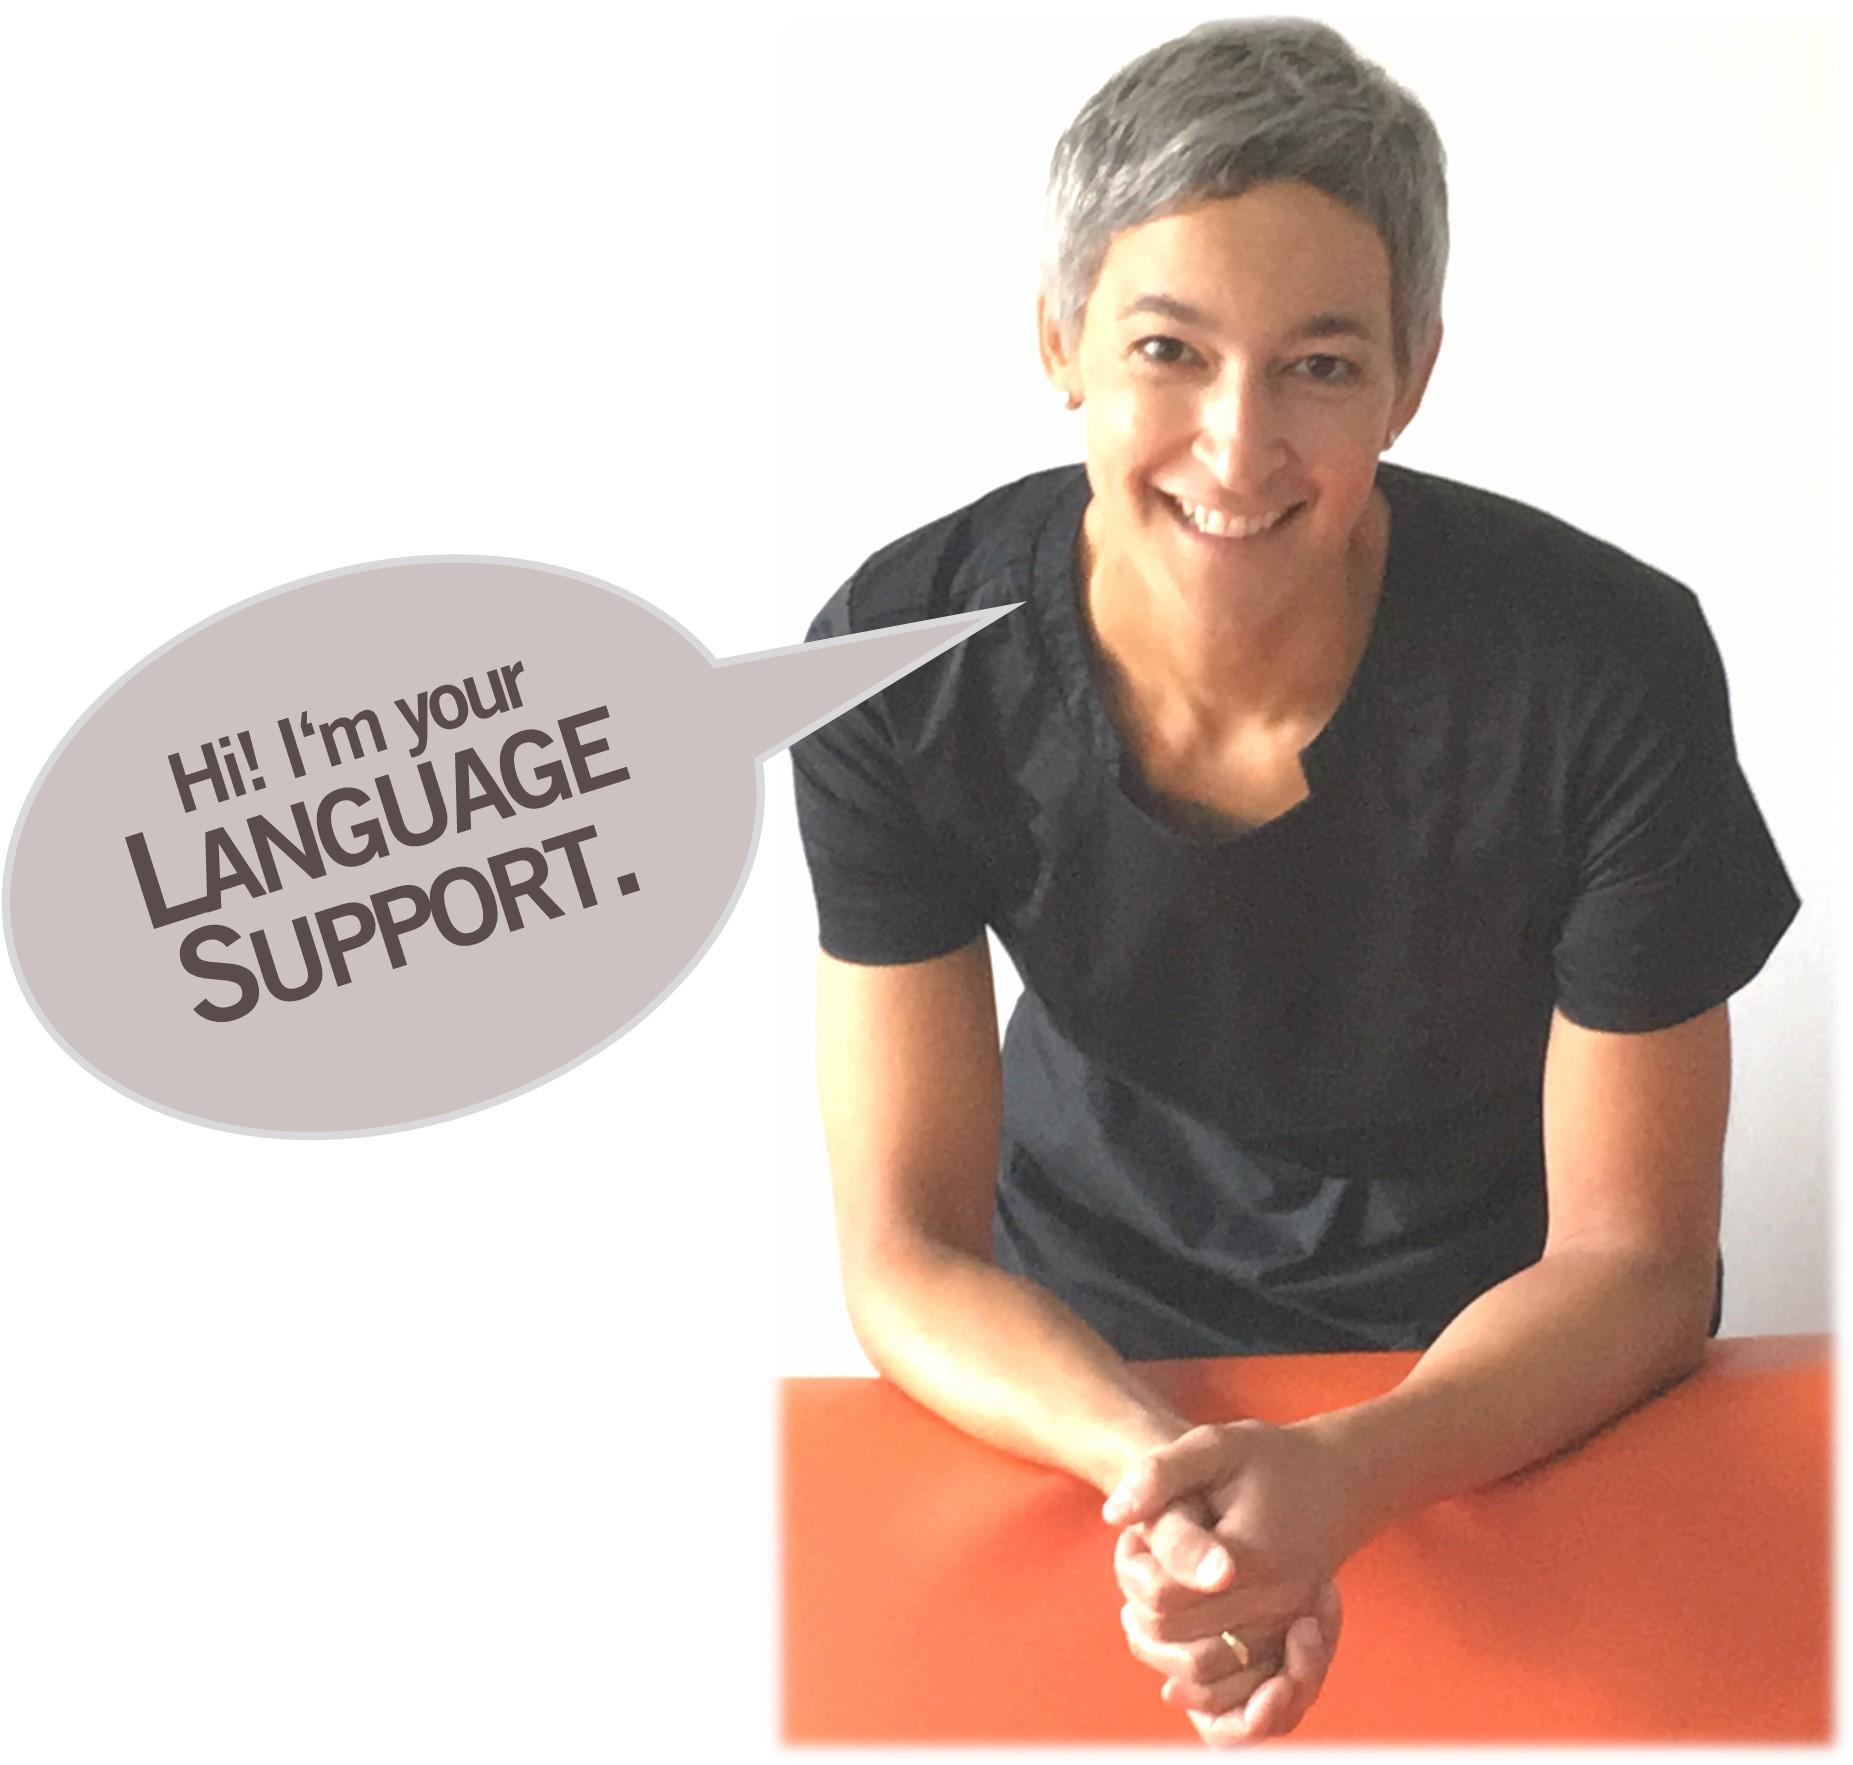 Englischkurs Language Support